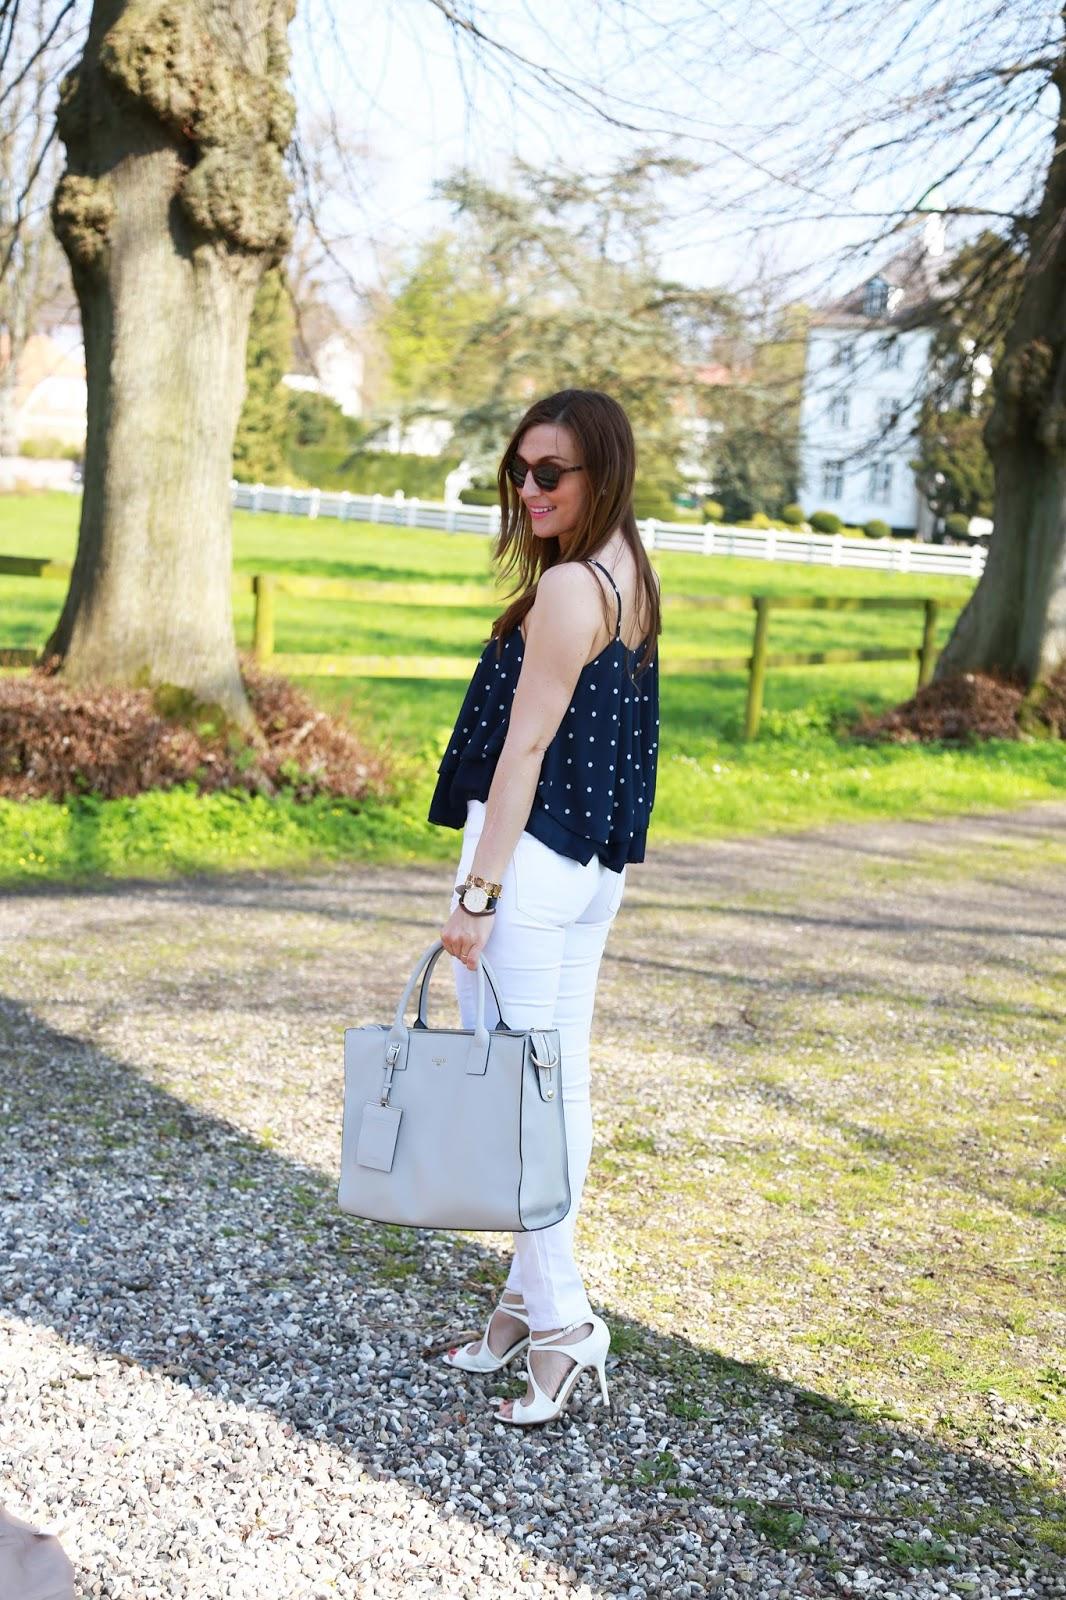 Frankfurt Fashionblogger My Colloseum - 60 Style - Lookof the Day - Blogger aus Deutschland - Deutsche Fashionblogger